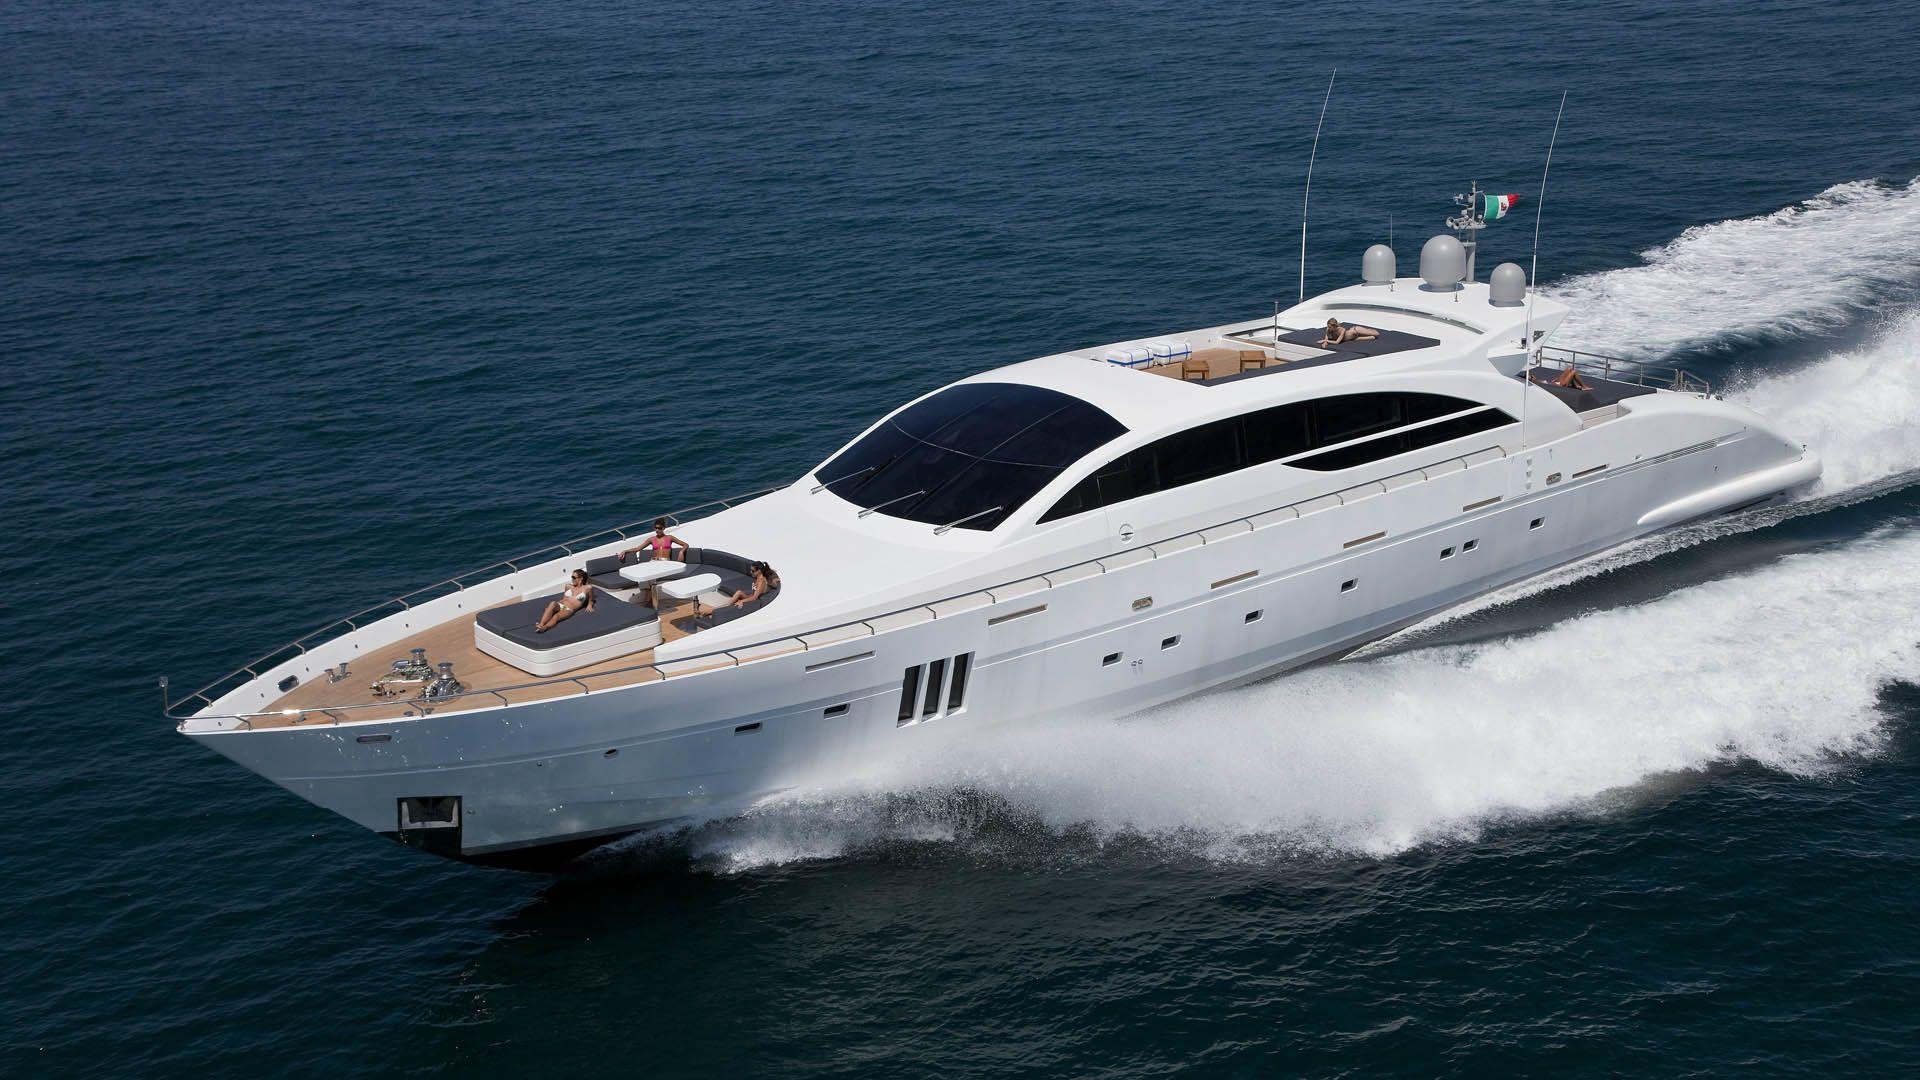 Standard Super Yacht Flybridge M Y One O One Tecnomar